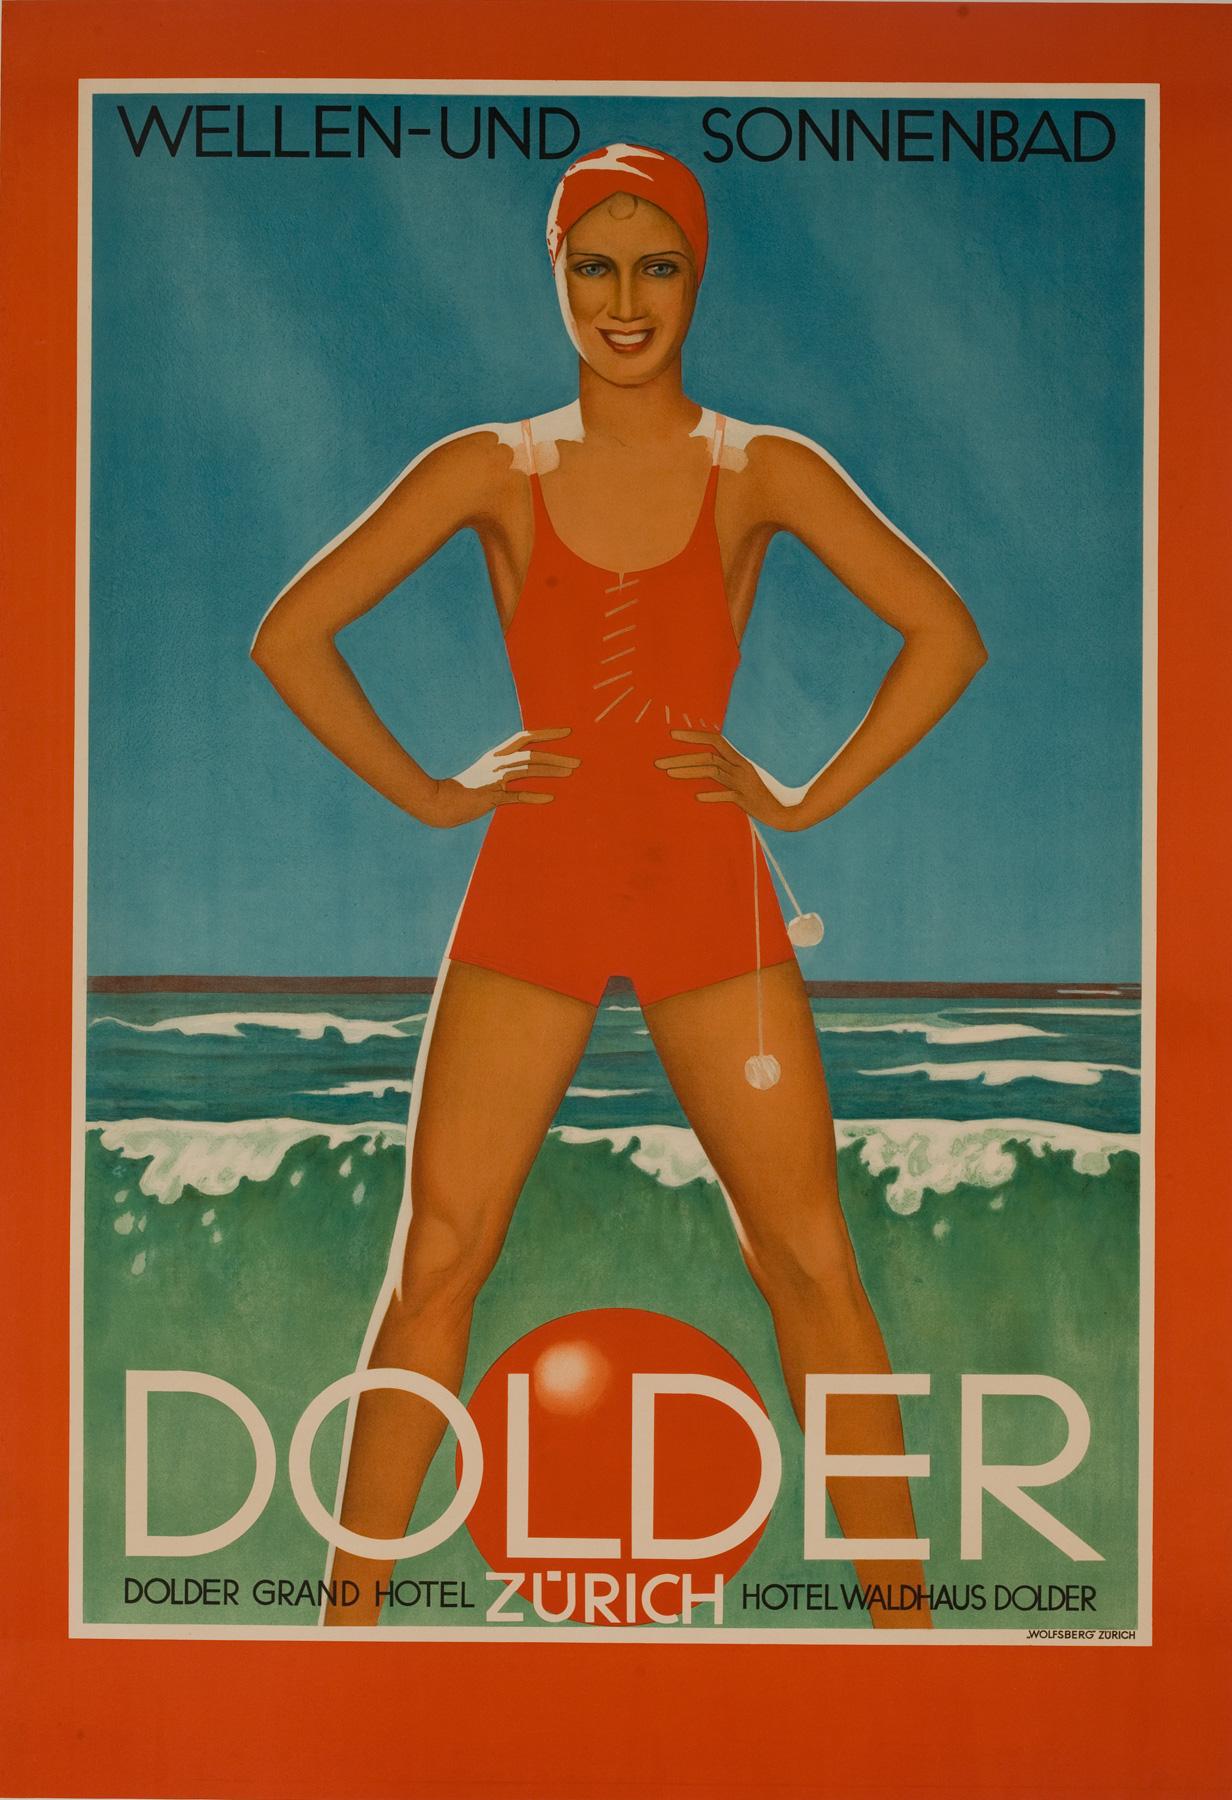 Johann Arnhold, 1935: Dolder Grand Hotel – Wellen- und Sonnenbad